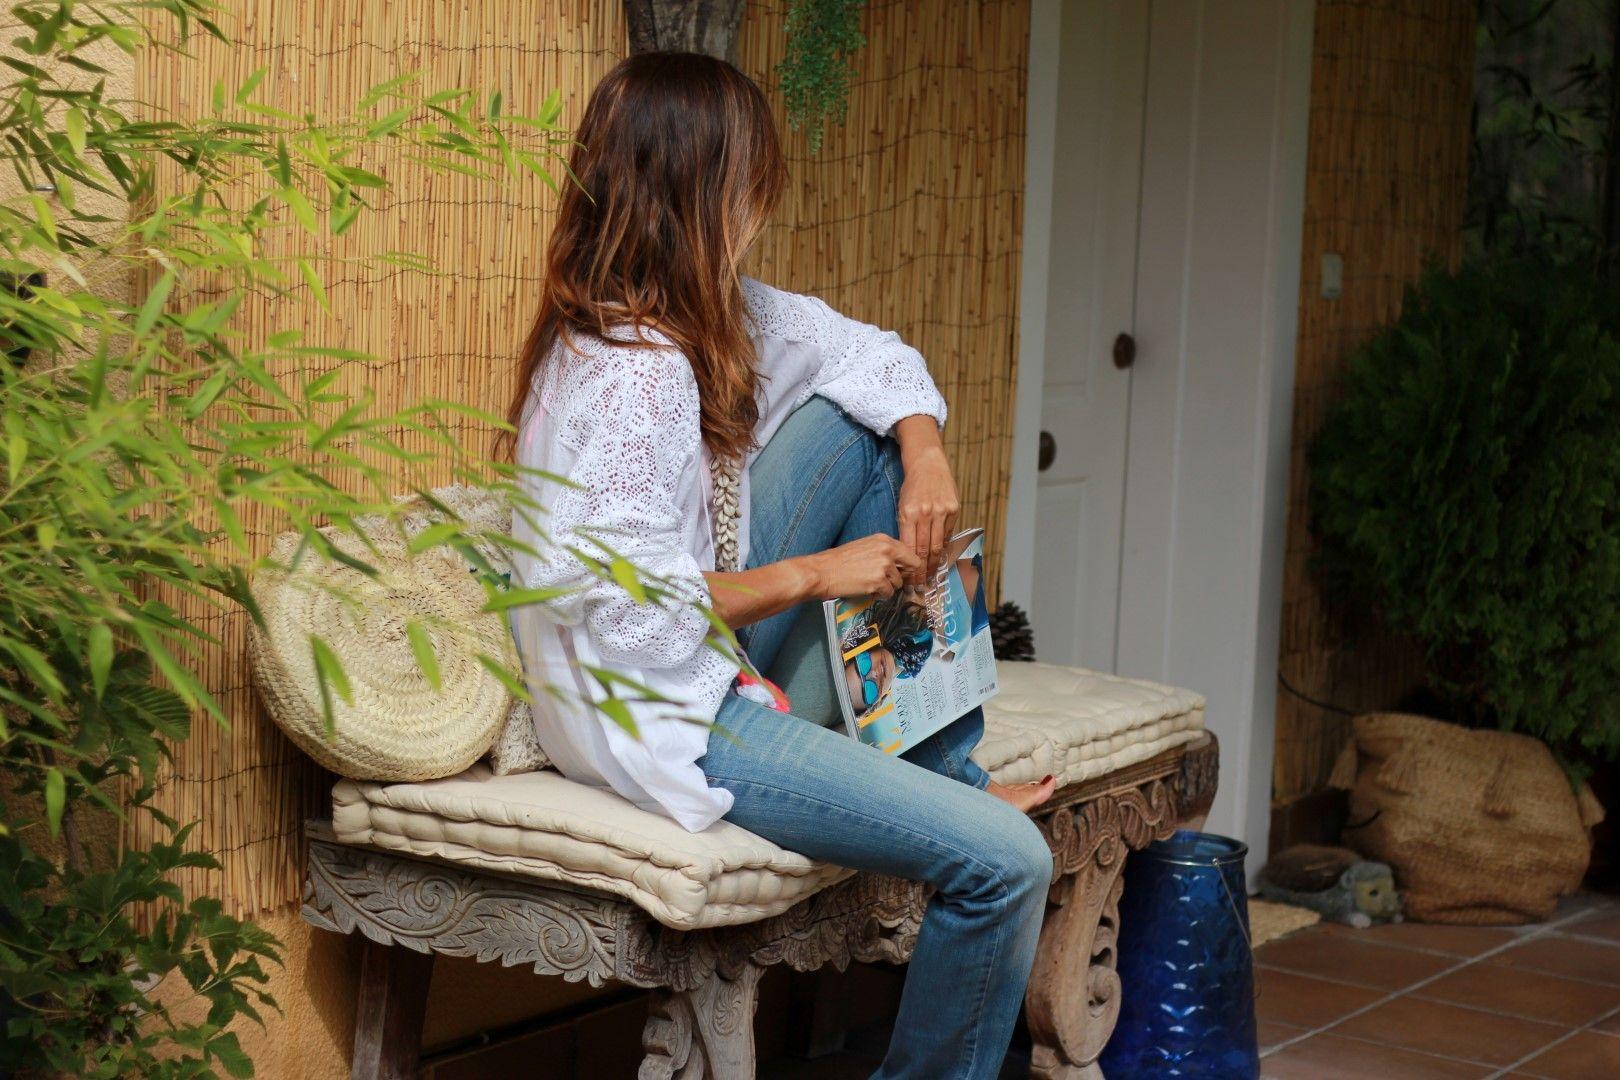 367f6d93a0f Hippie Chic Shop | My Style | Hippie chic, Chic shop, Chic